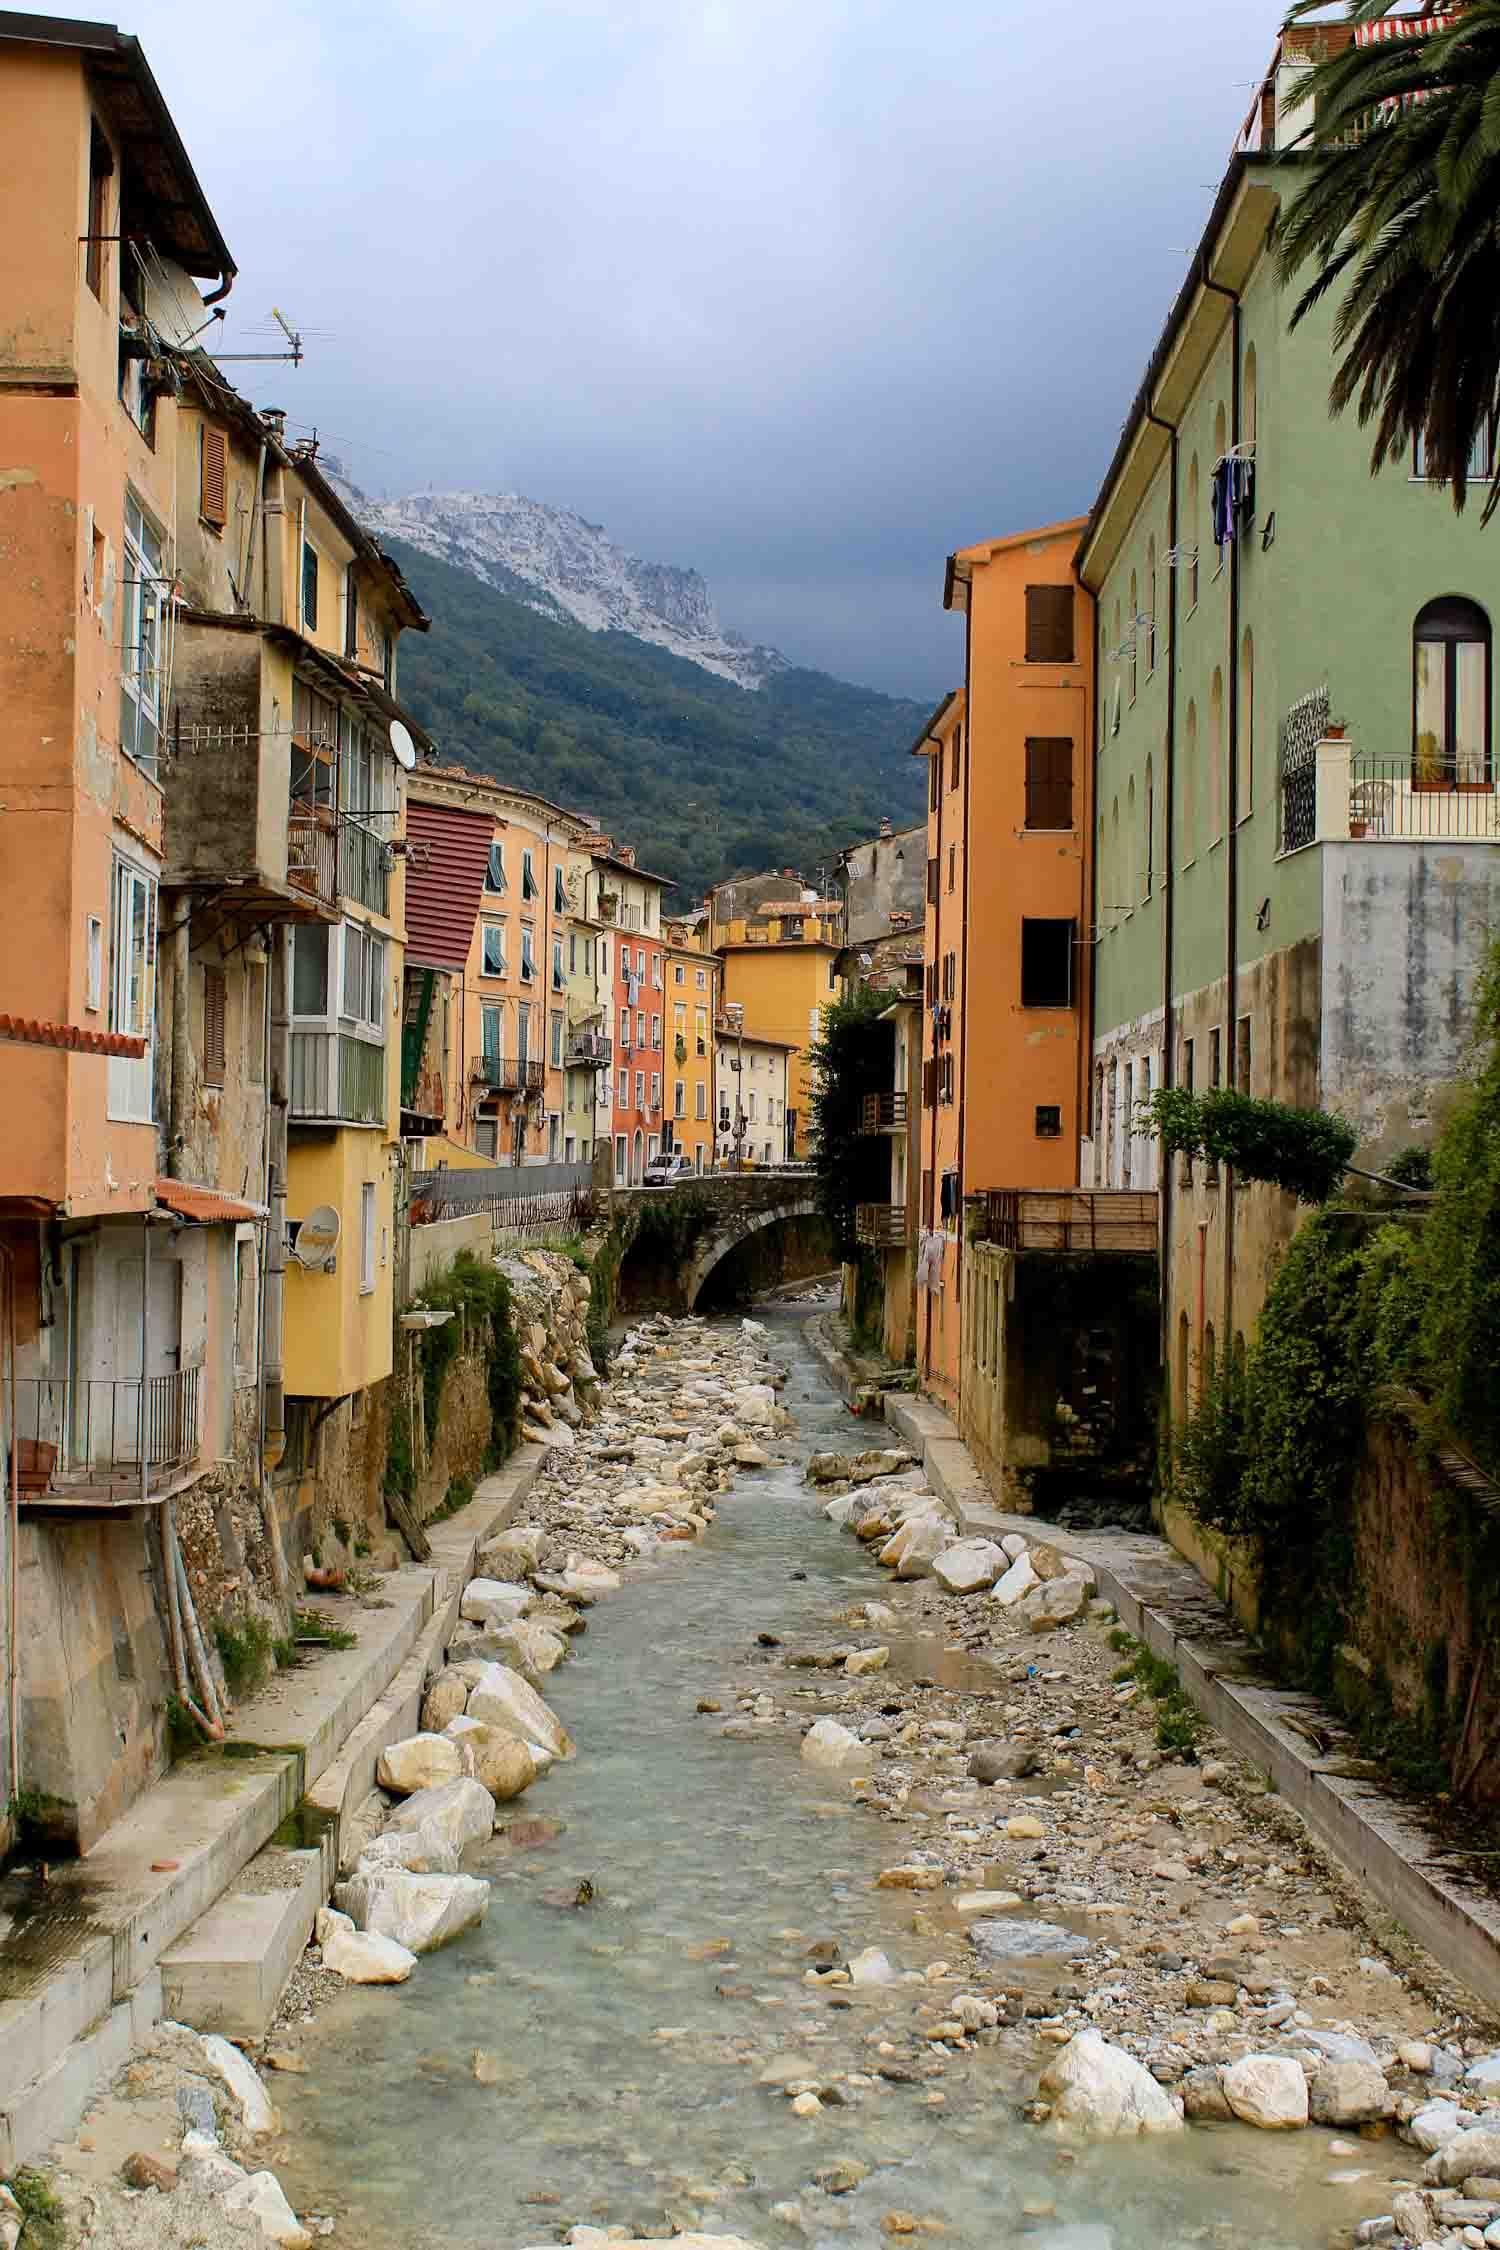 Carrione river in Carrara